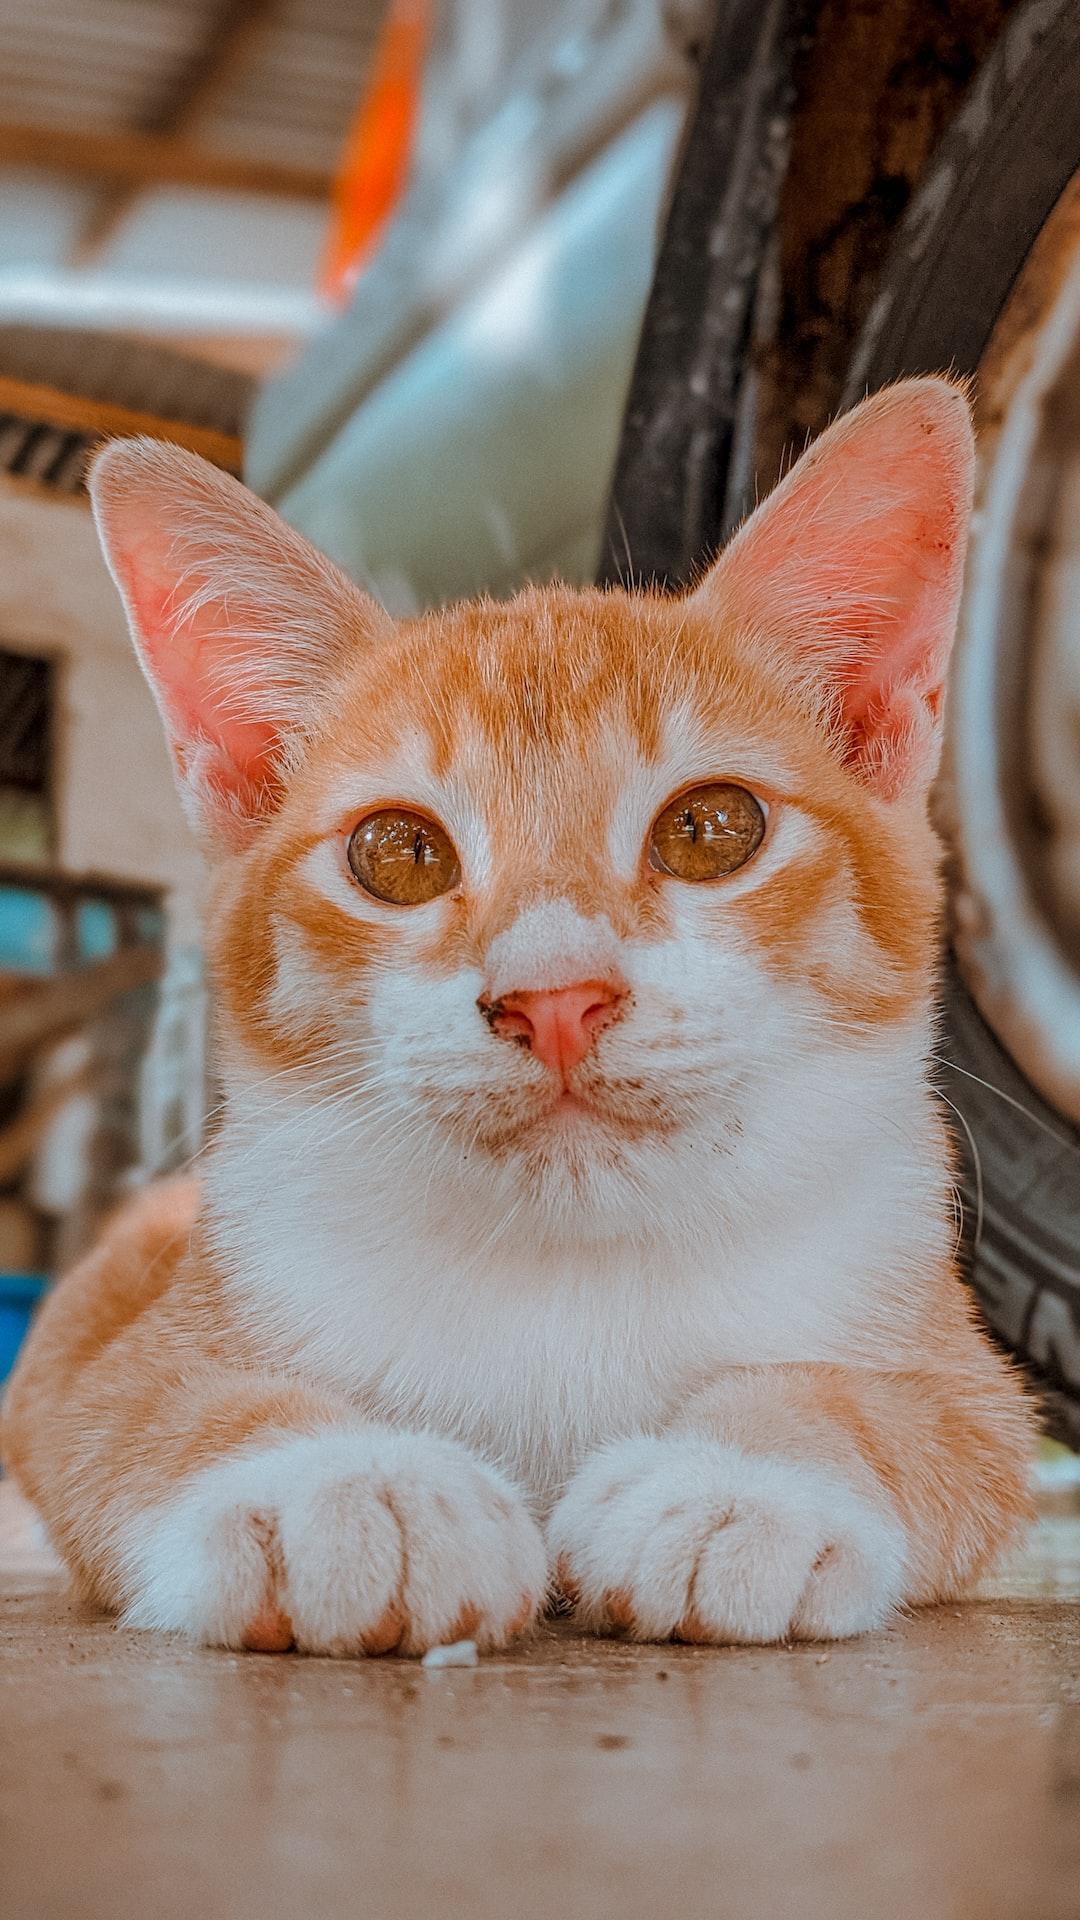 Orange cat staring at you